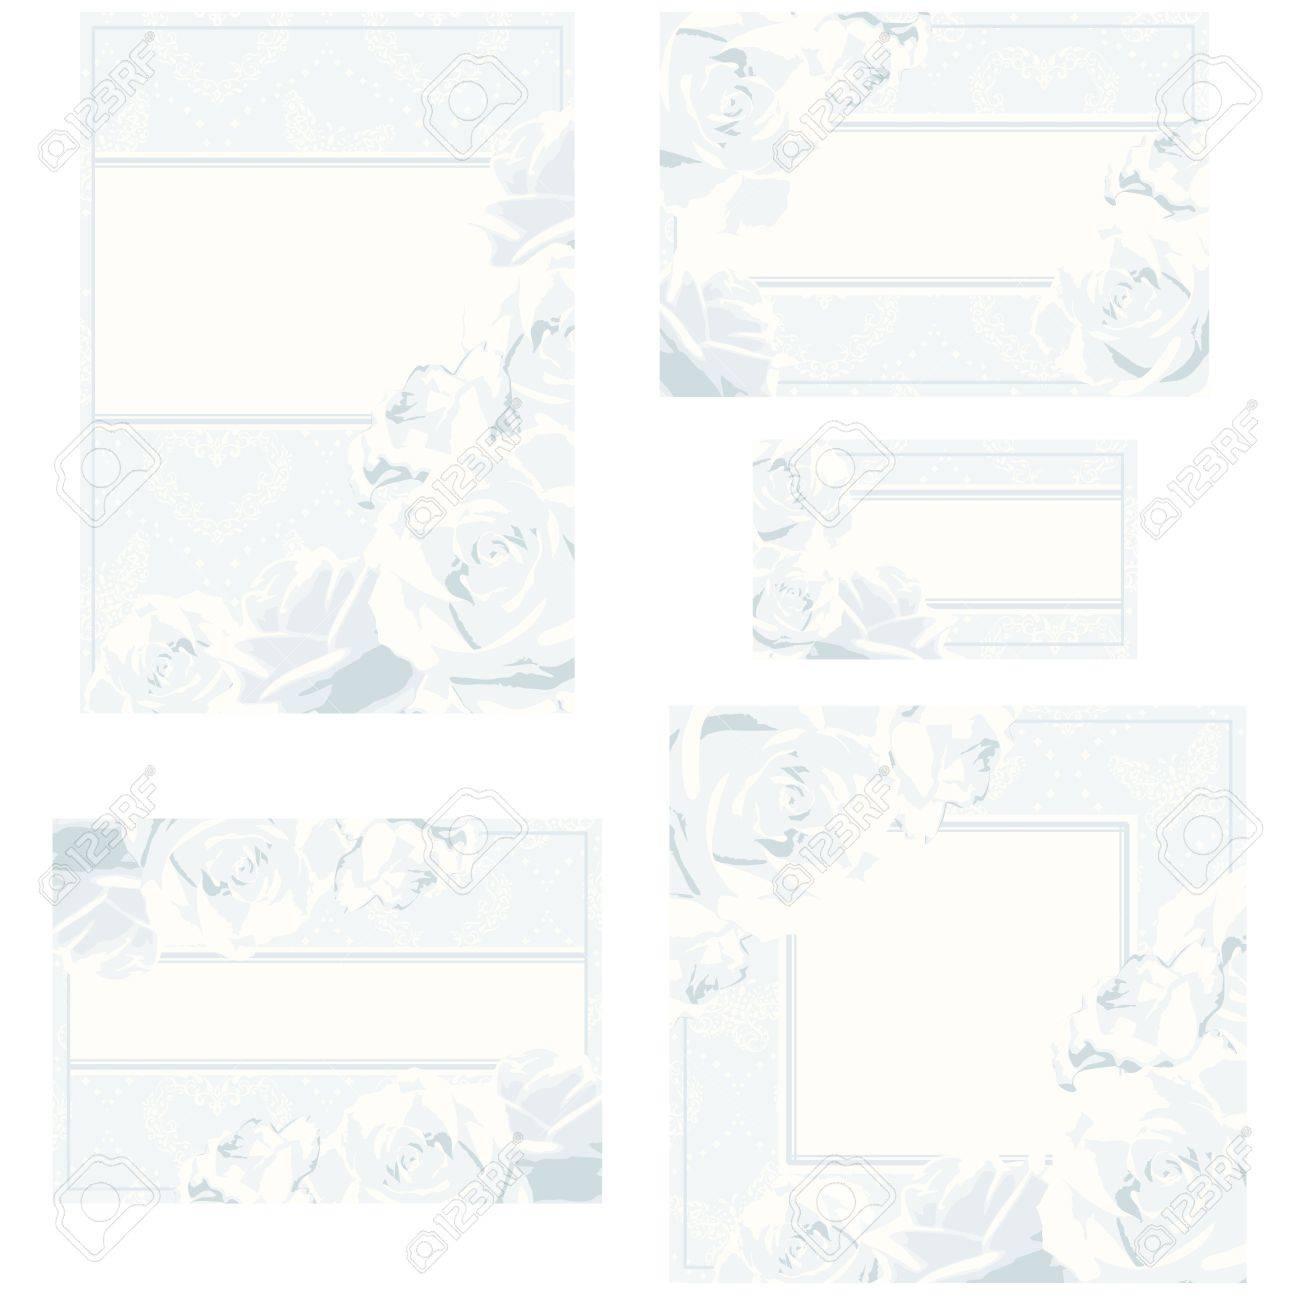 elegantes diseos de blancos y plata para de boda tarjetas de lugar etc